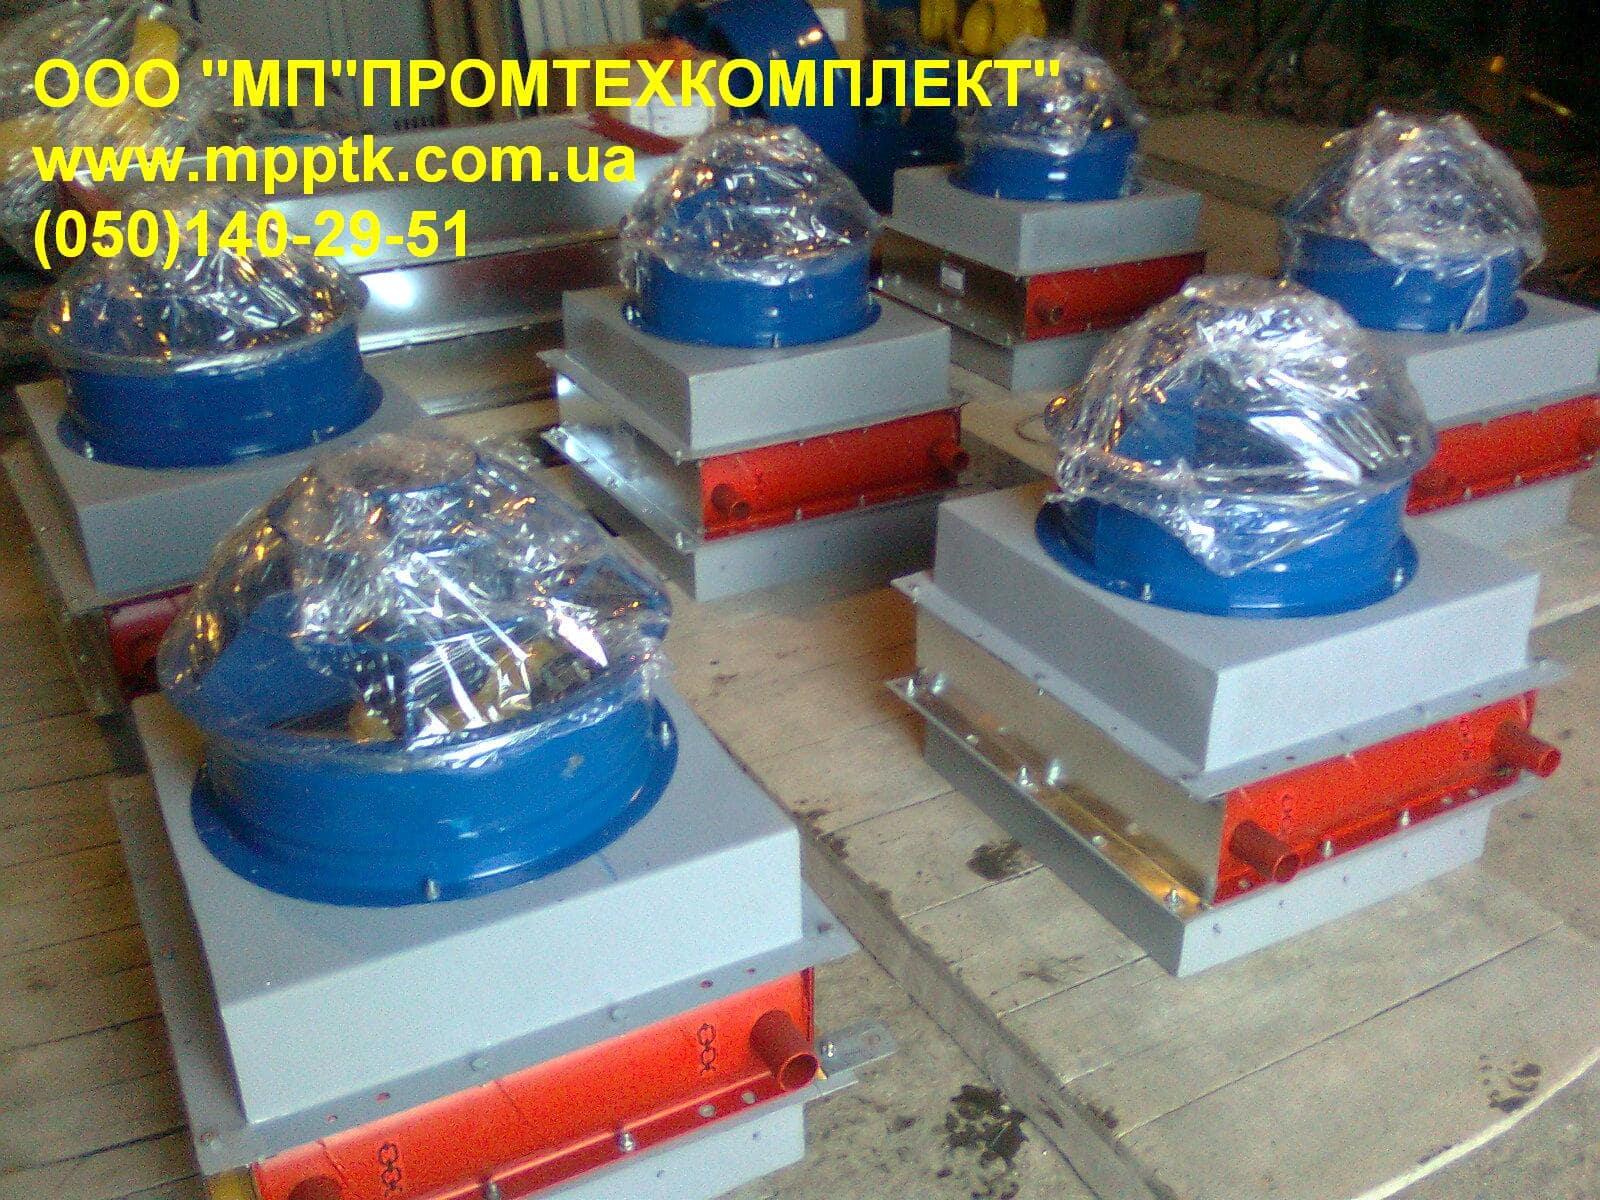 Отопительный агрегат низкая цена изготовление новый купить продажа Украина